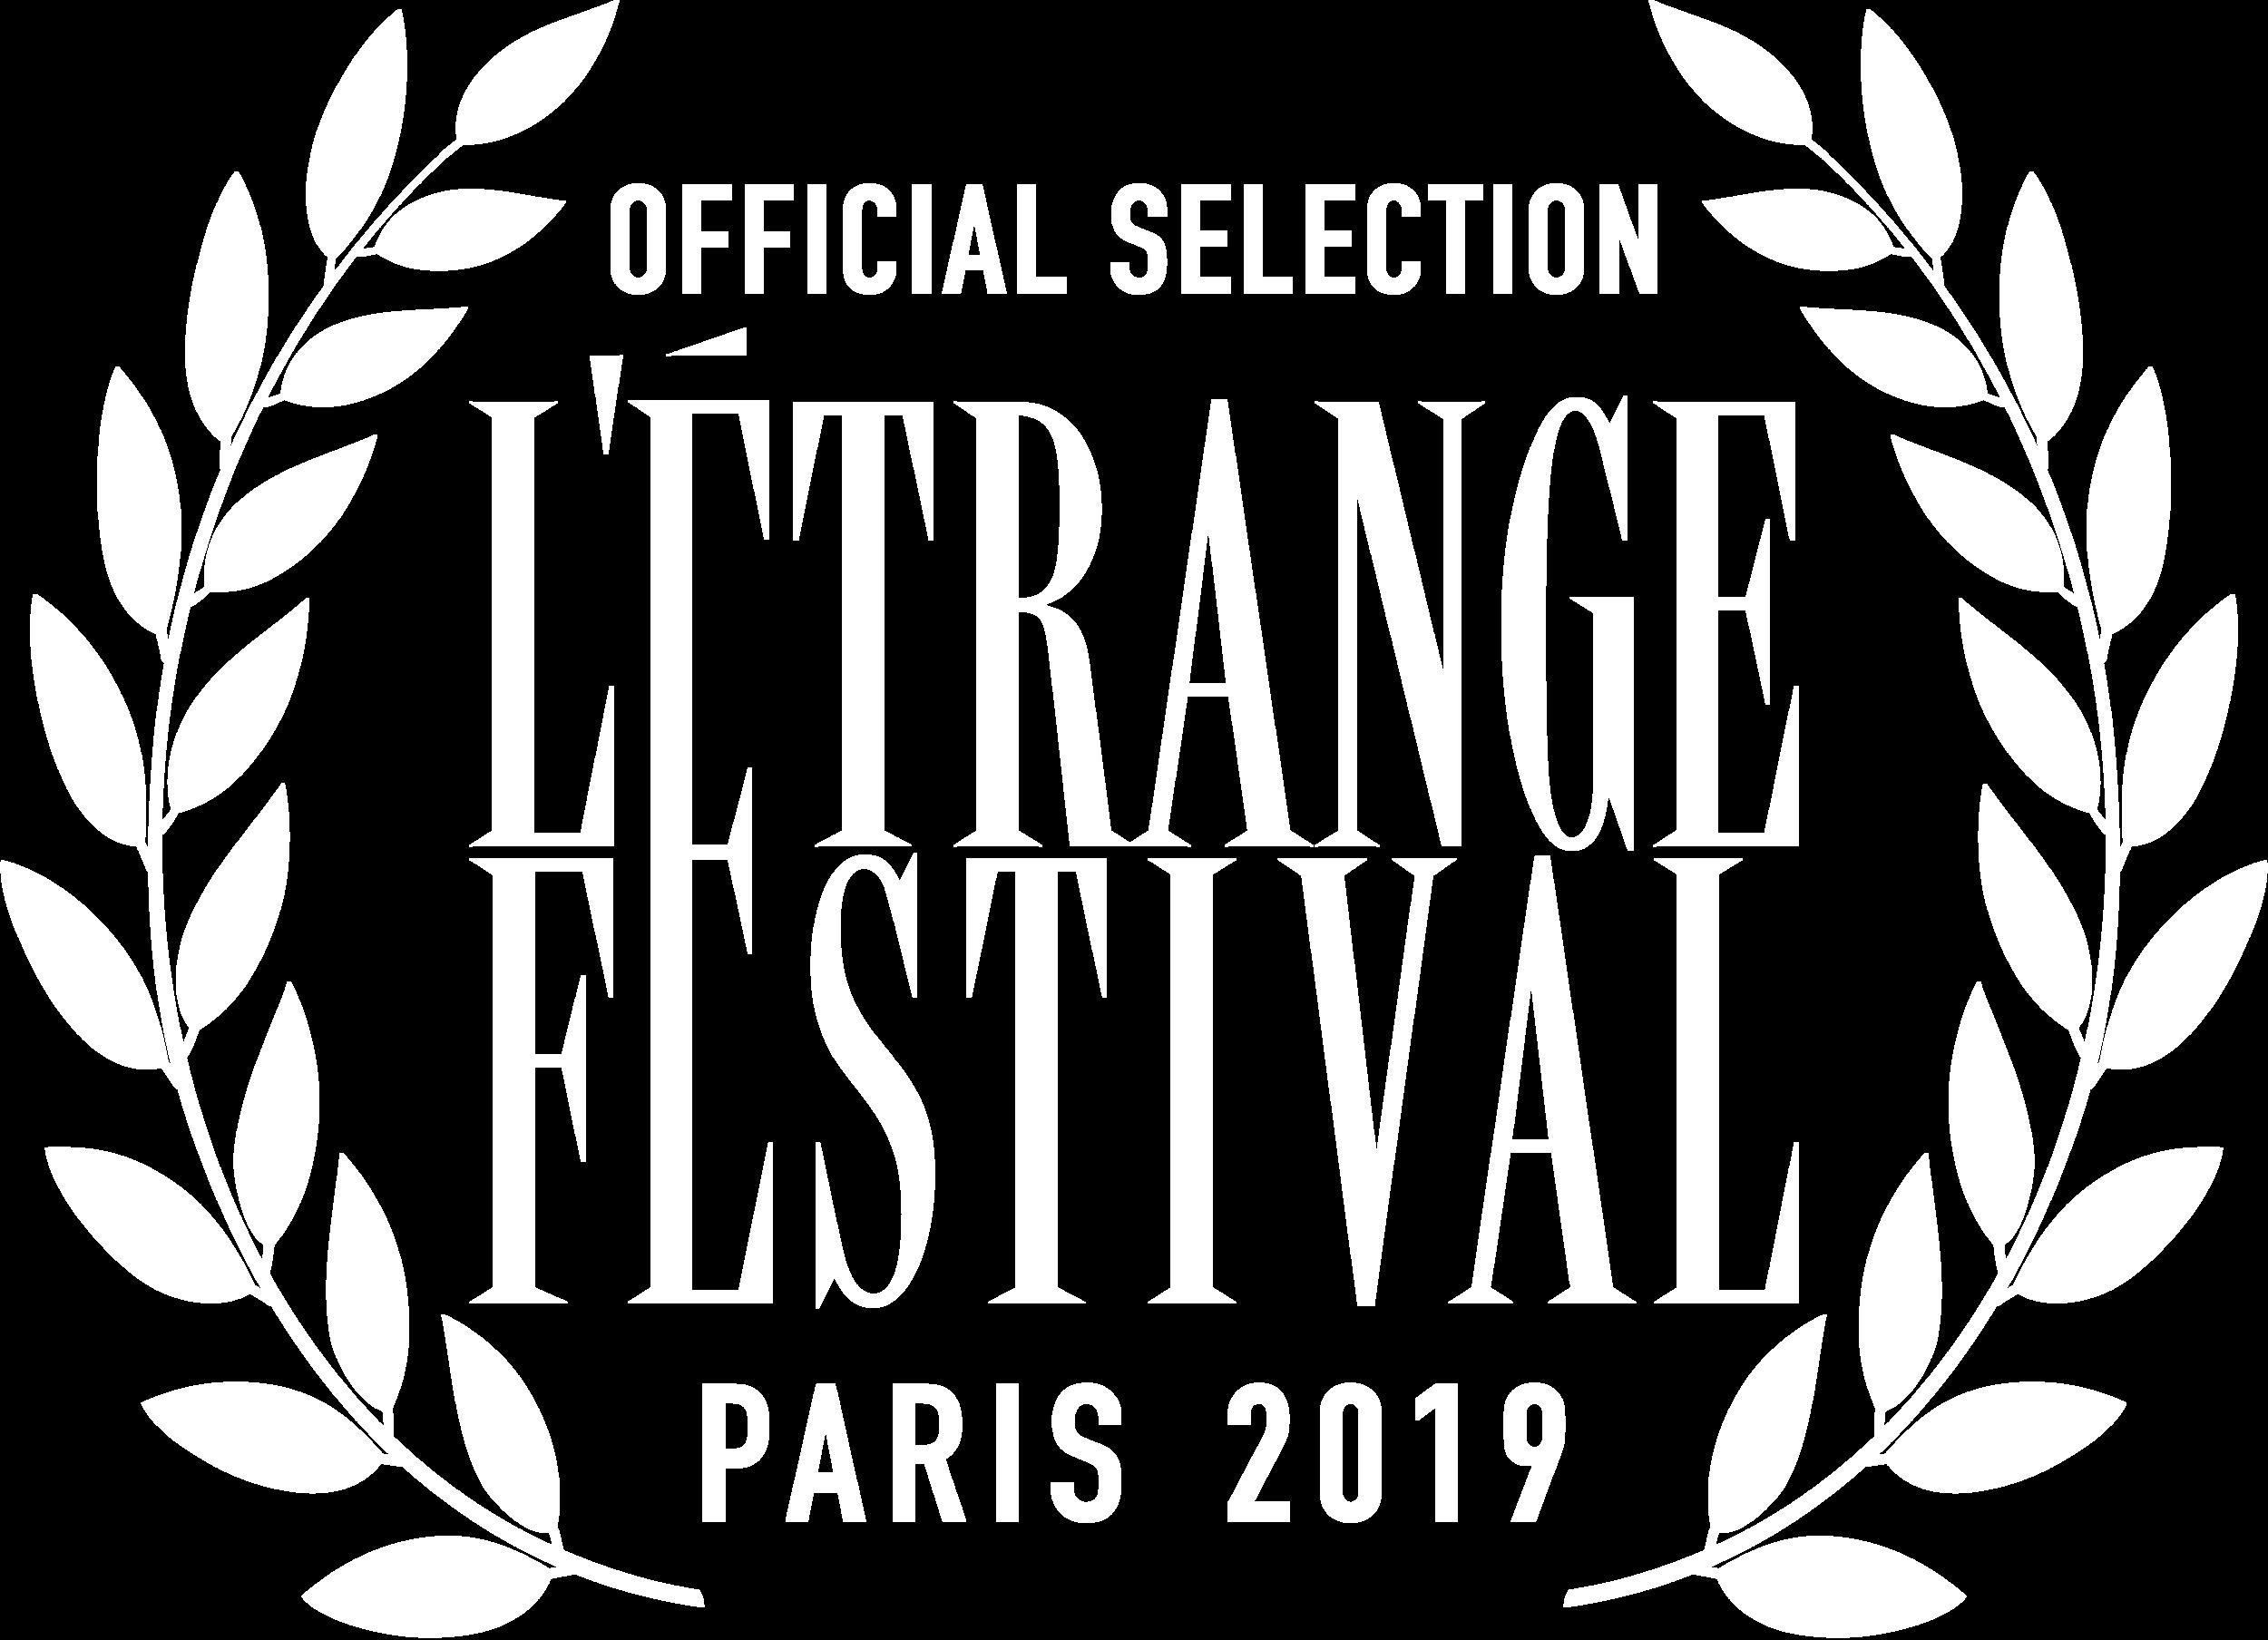 PARIS_LETRANGE.png